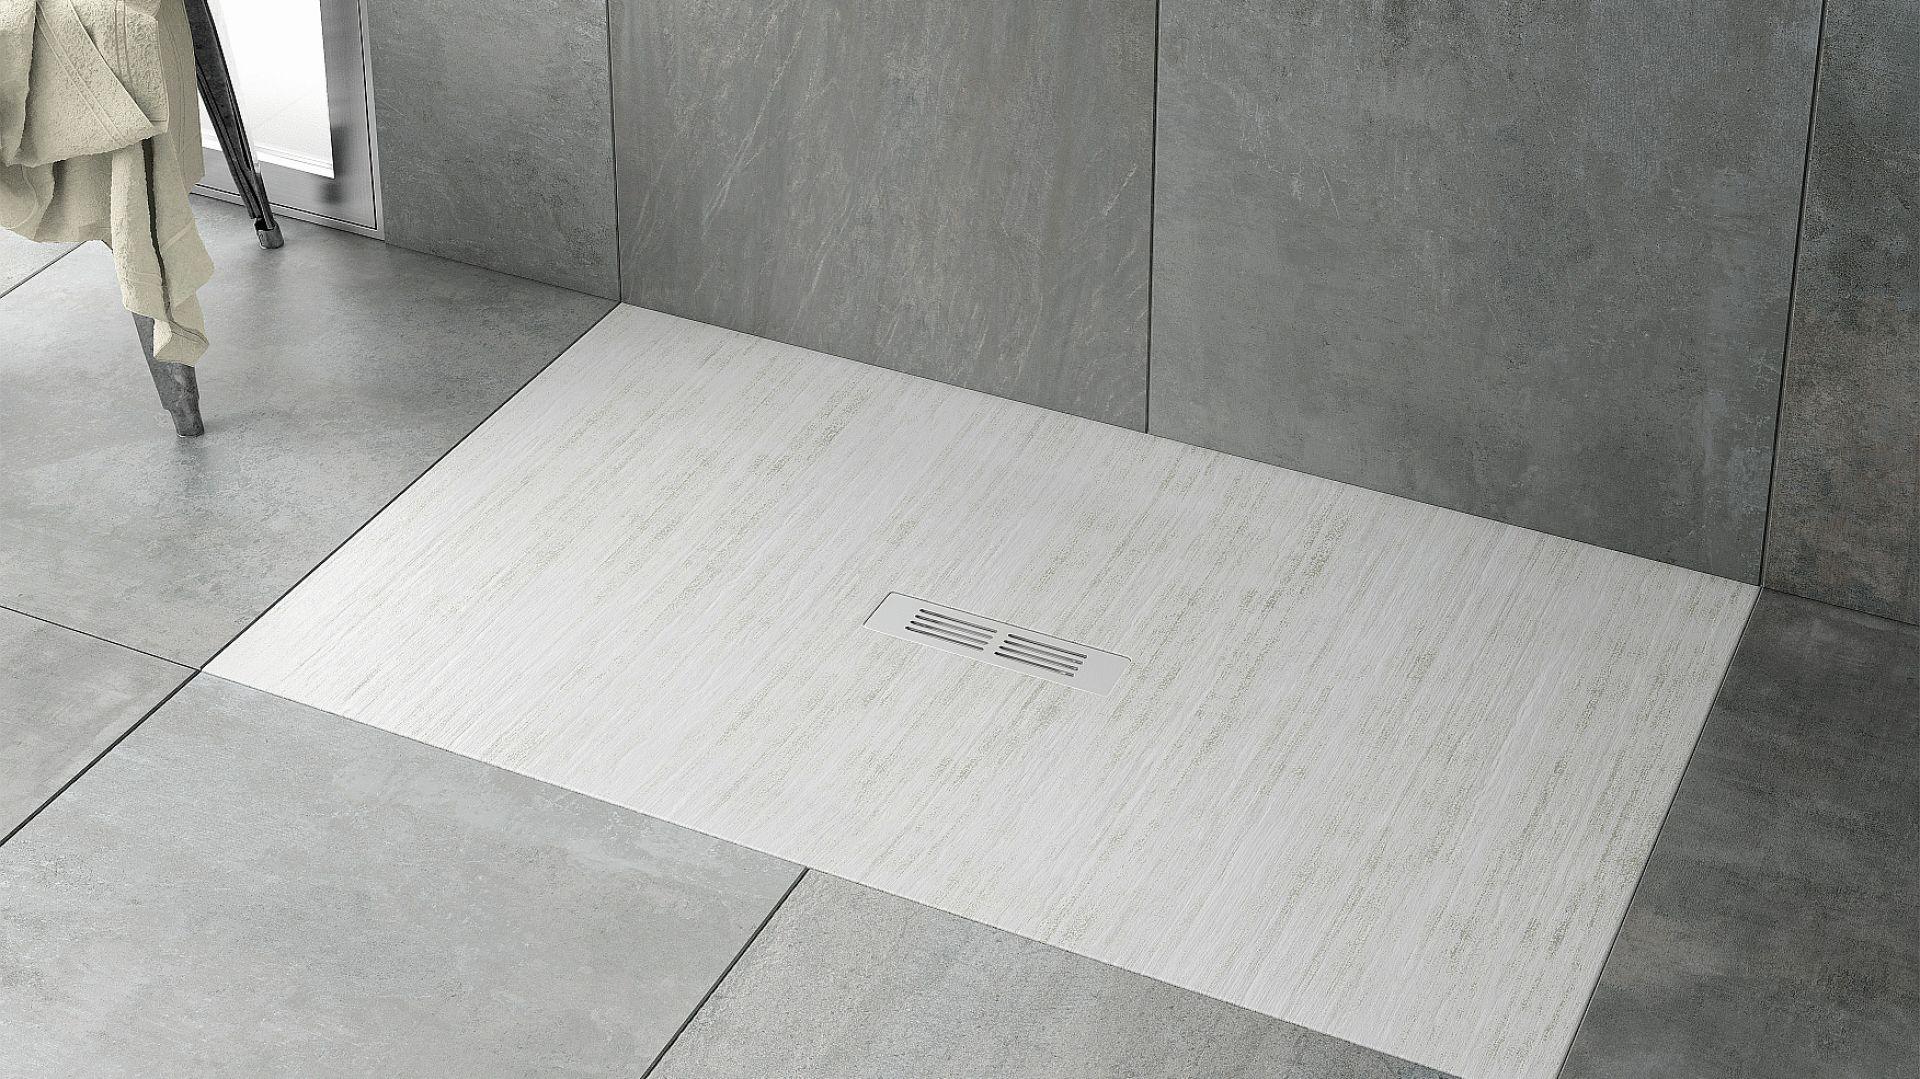 Ultrapłaski brodzik prostokątny Helios z wytrzymałego kompozytu Stonex. Ze zintegrowanym dnem antypoślizgowym. Odpływ w zestawie. Fot. Roca